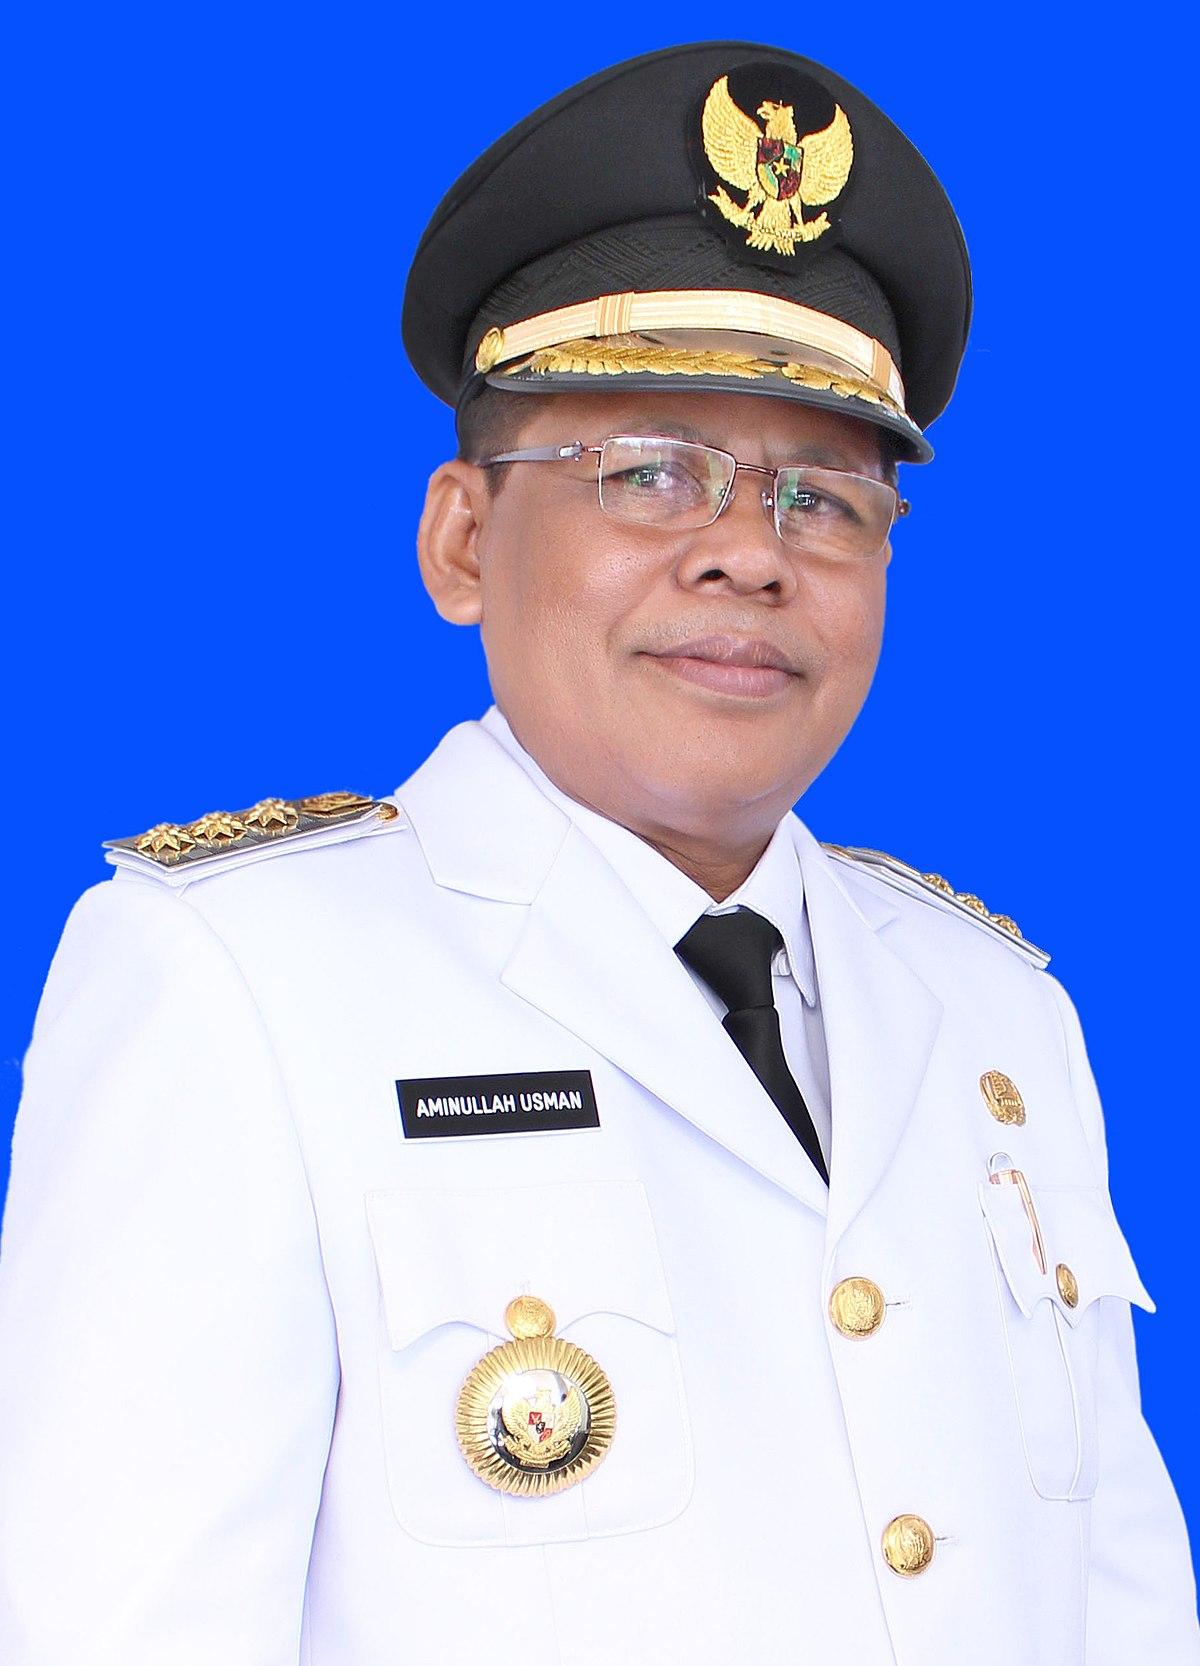 Daftar Wali Kota Banda Aceh Wikipedia Bahasa Indonesia Ensiklopedia Bebas